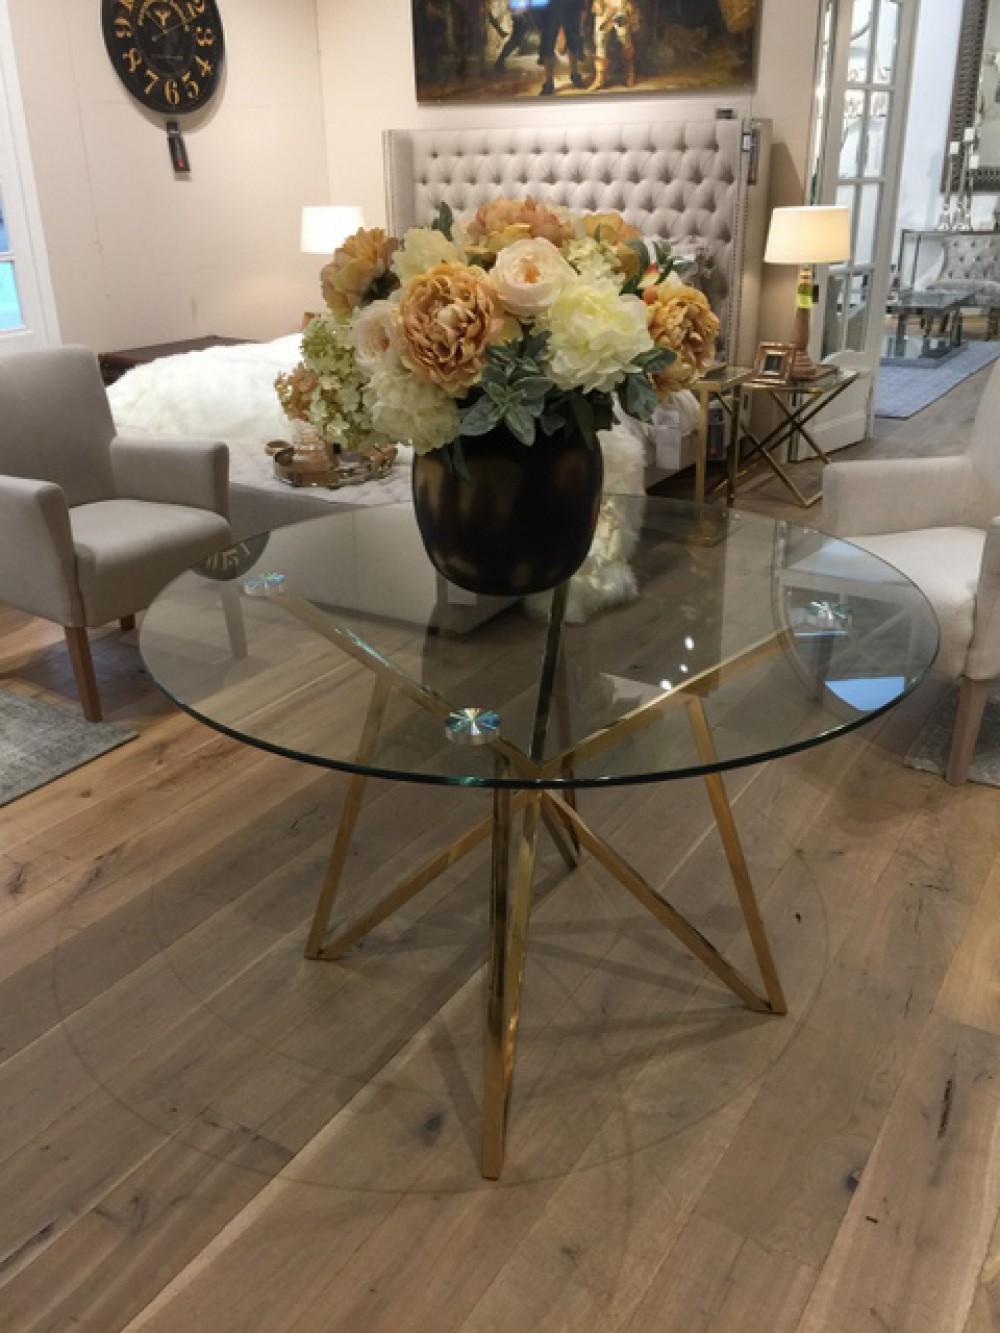 Tisch Rund Metall Glas.Runder Tisch Glas Metall Glastisch Rund Gold Esstisch Rund